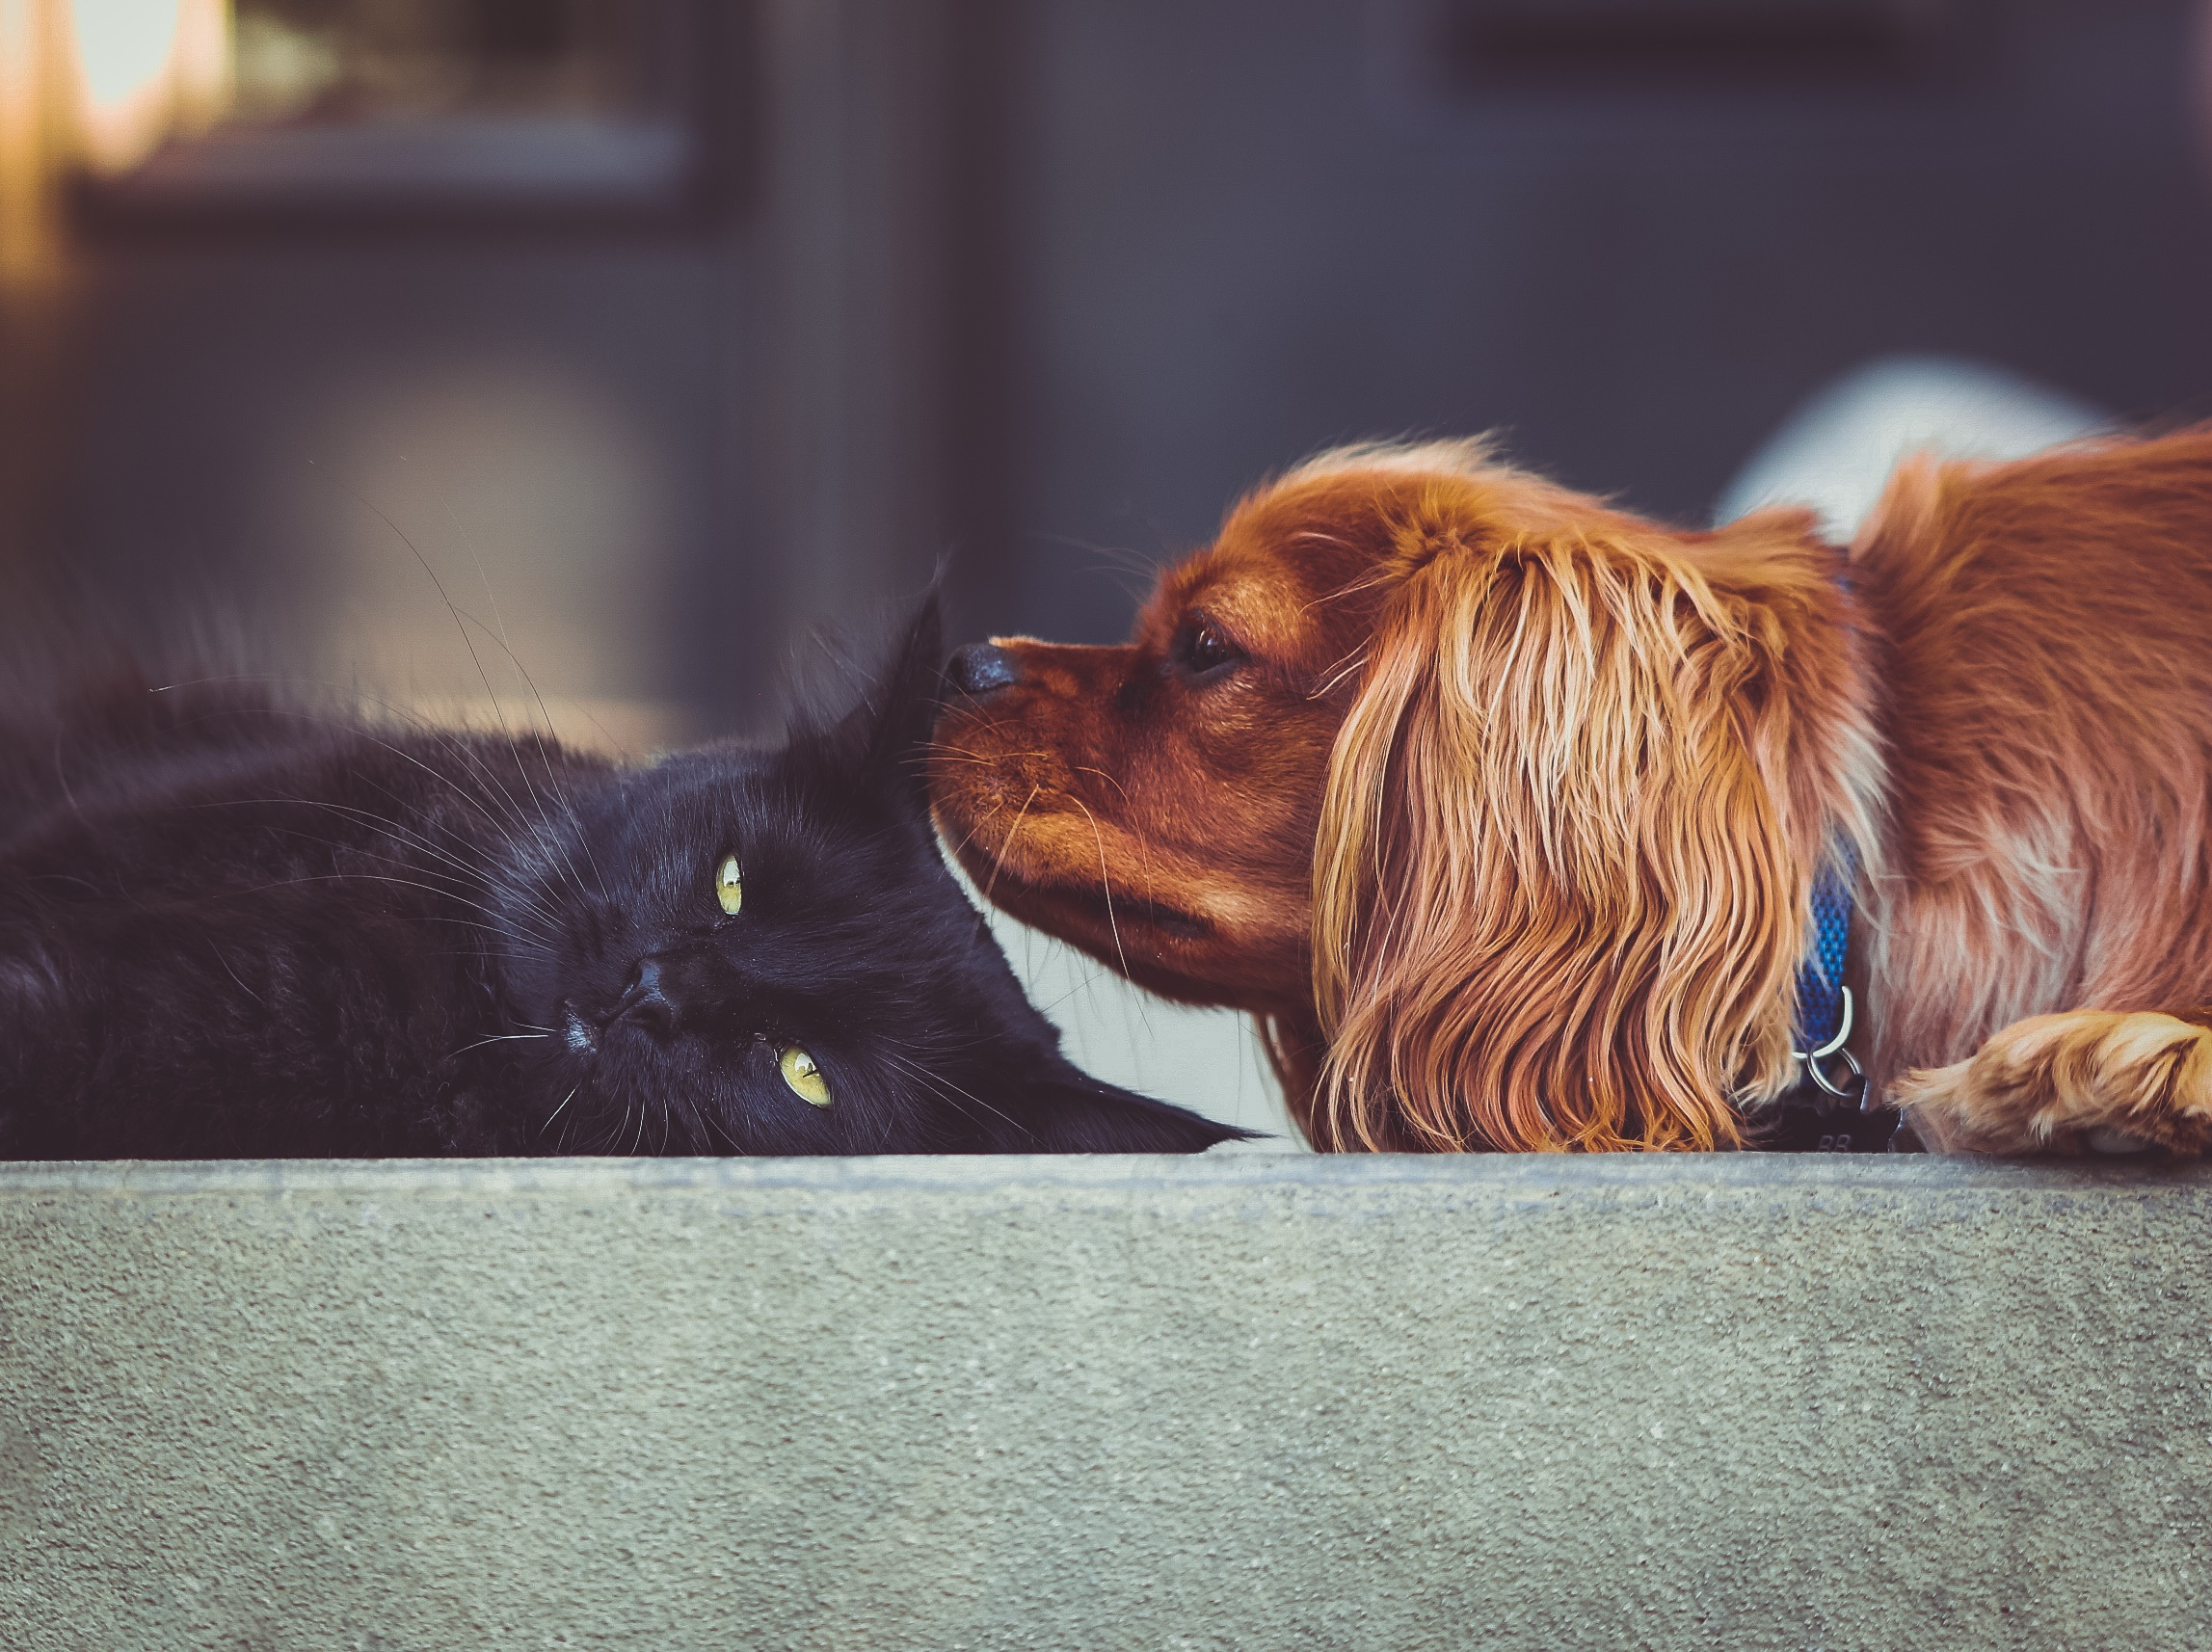 Mundo Pet: Vetoquinol lança Flowcare, suplemento alimentar à base de metionina, aminoácido essencial para cães e gatos